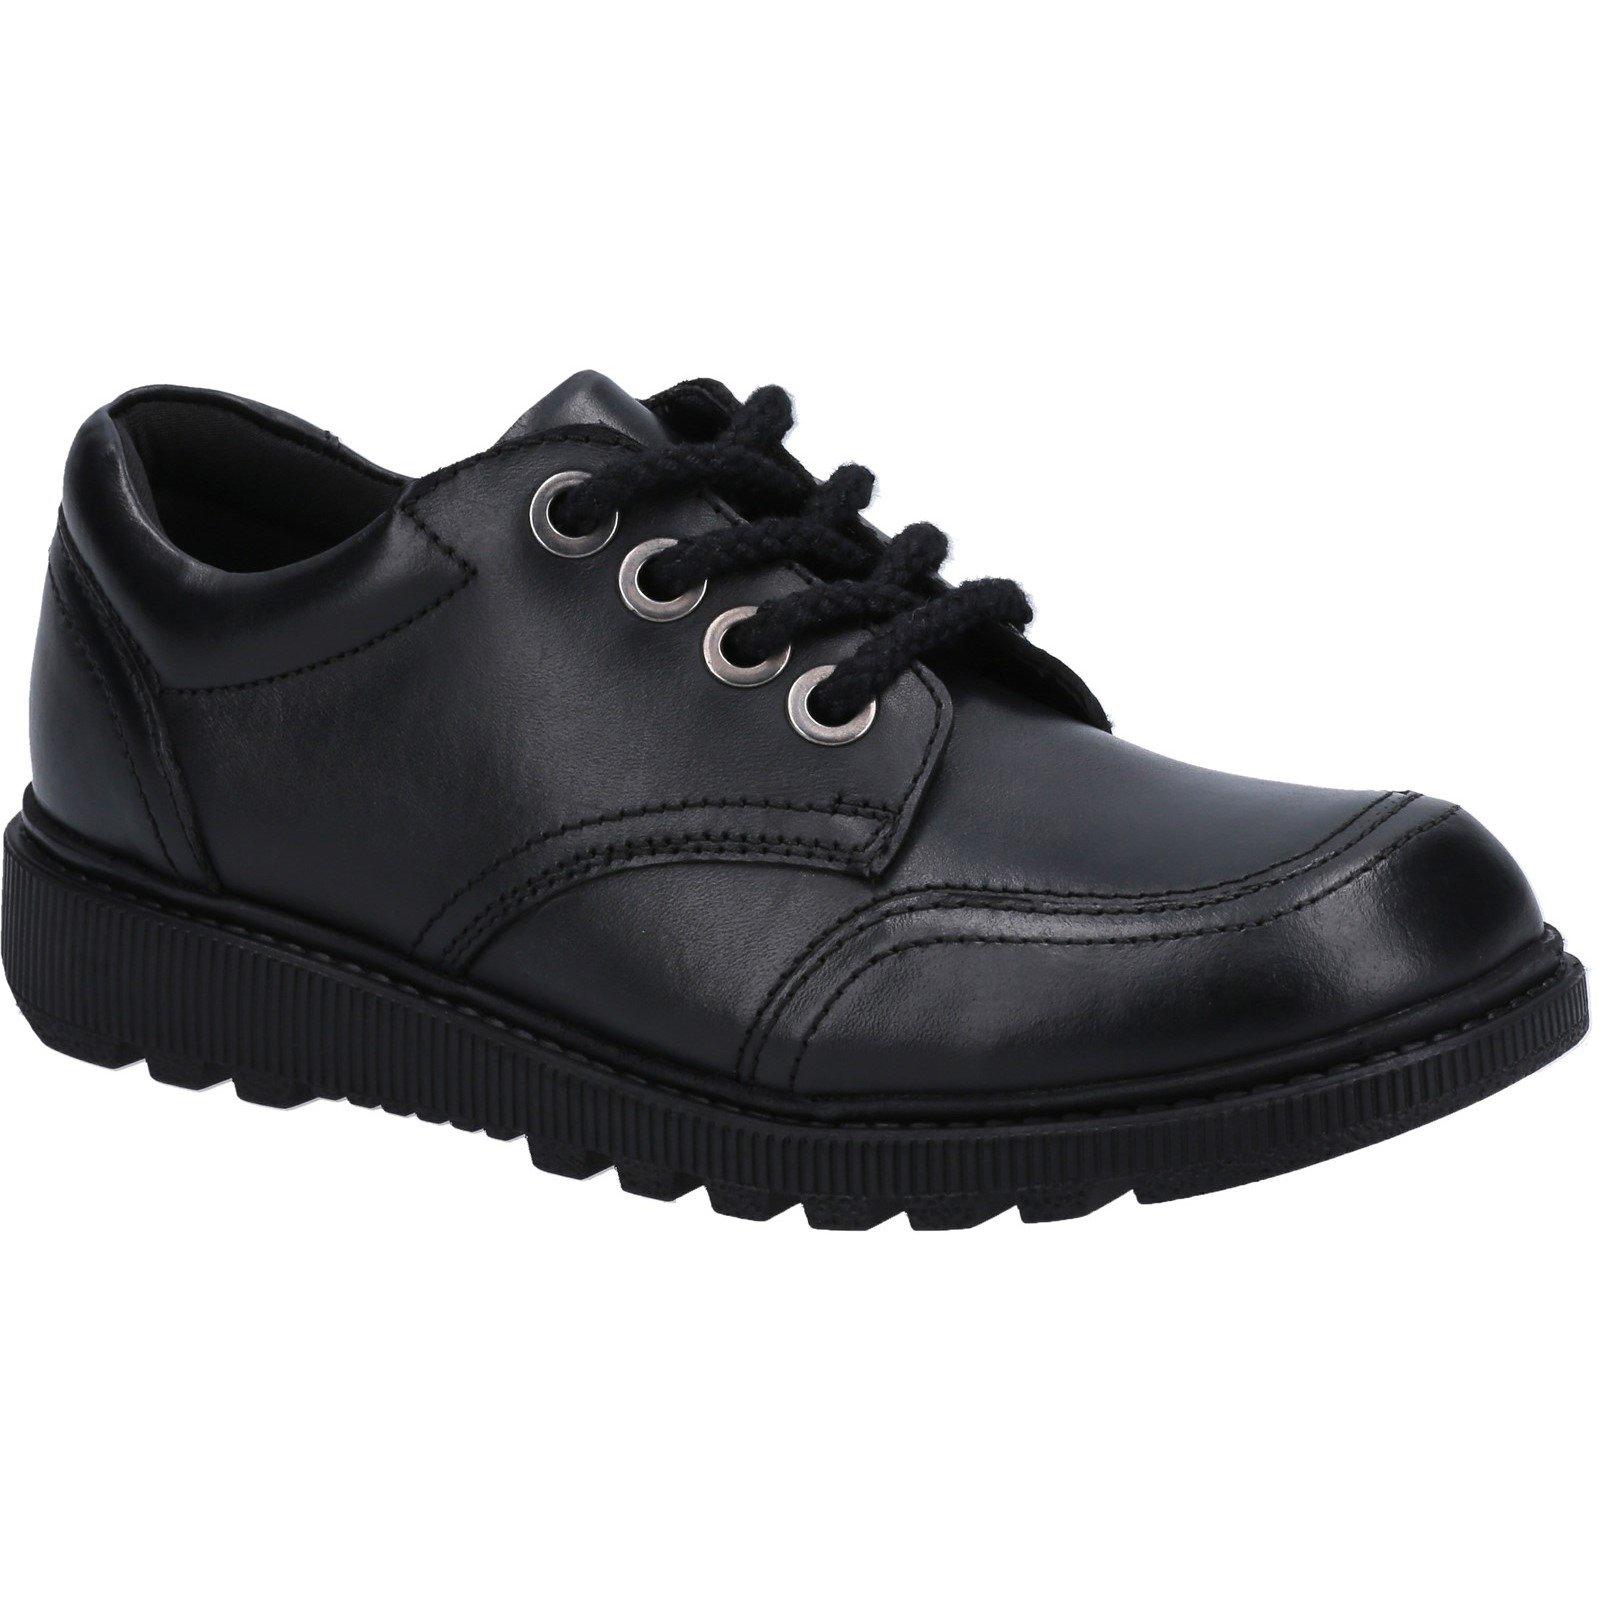 Hush Puppies Kid's Kiera Senior School Shoe Black 30822 - Black 7